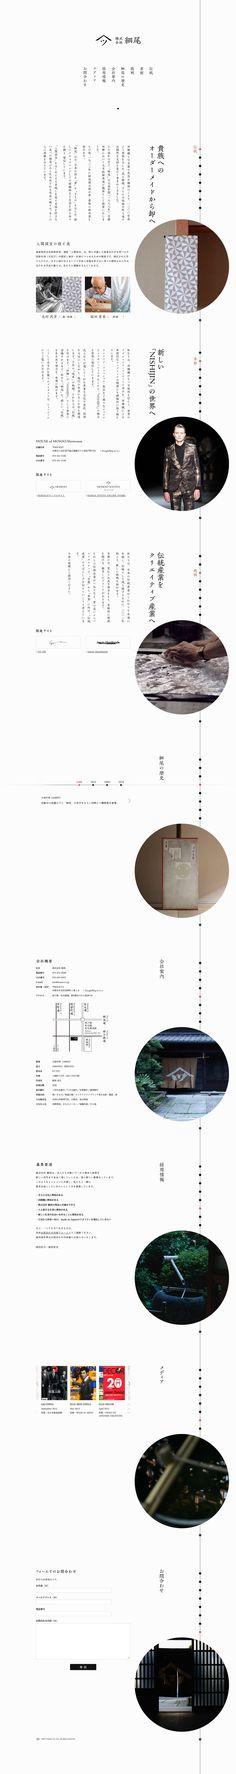 株式会社 細尾|株式会社 細尾は、日本が誇る「帯」や「きもの」をはじめ、新しい革新的なファブリックなど、生活を彩る品々を創り、発信しています。|capture 2012.11.16